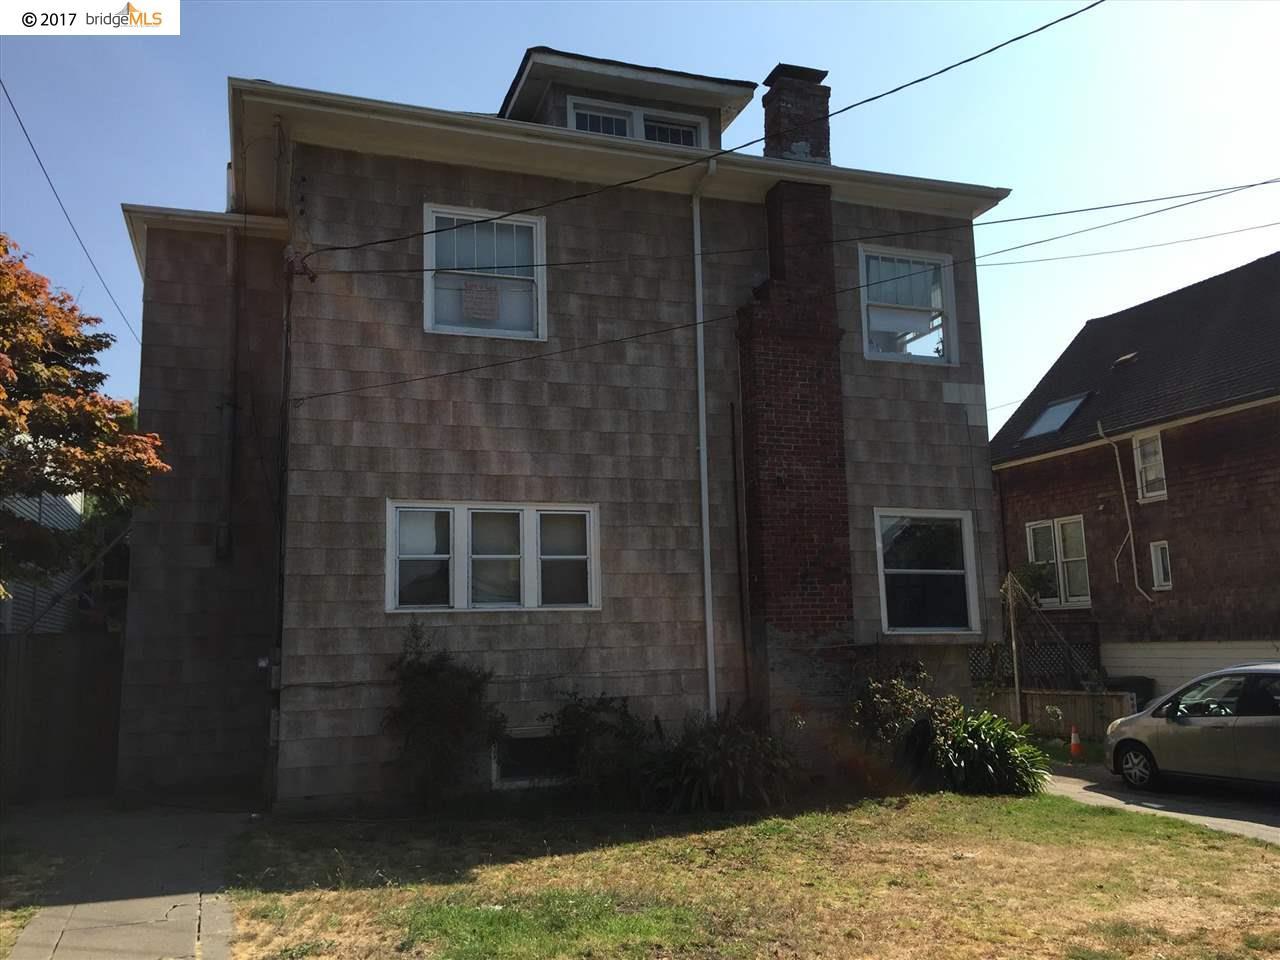 二世帯住宅 のために 売買 アット 2134 Woolsey Street 2134 Woolsey Street Berkeley, カリフォルニア 94705 アメリカ合衆国